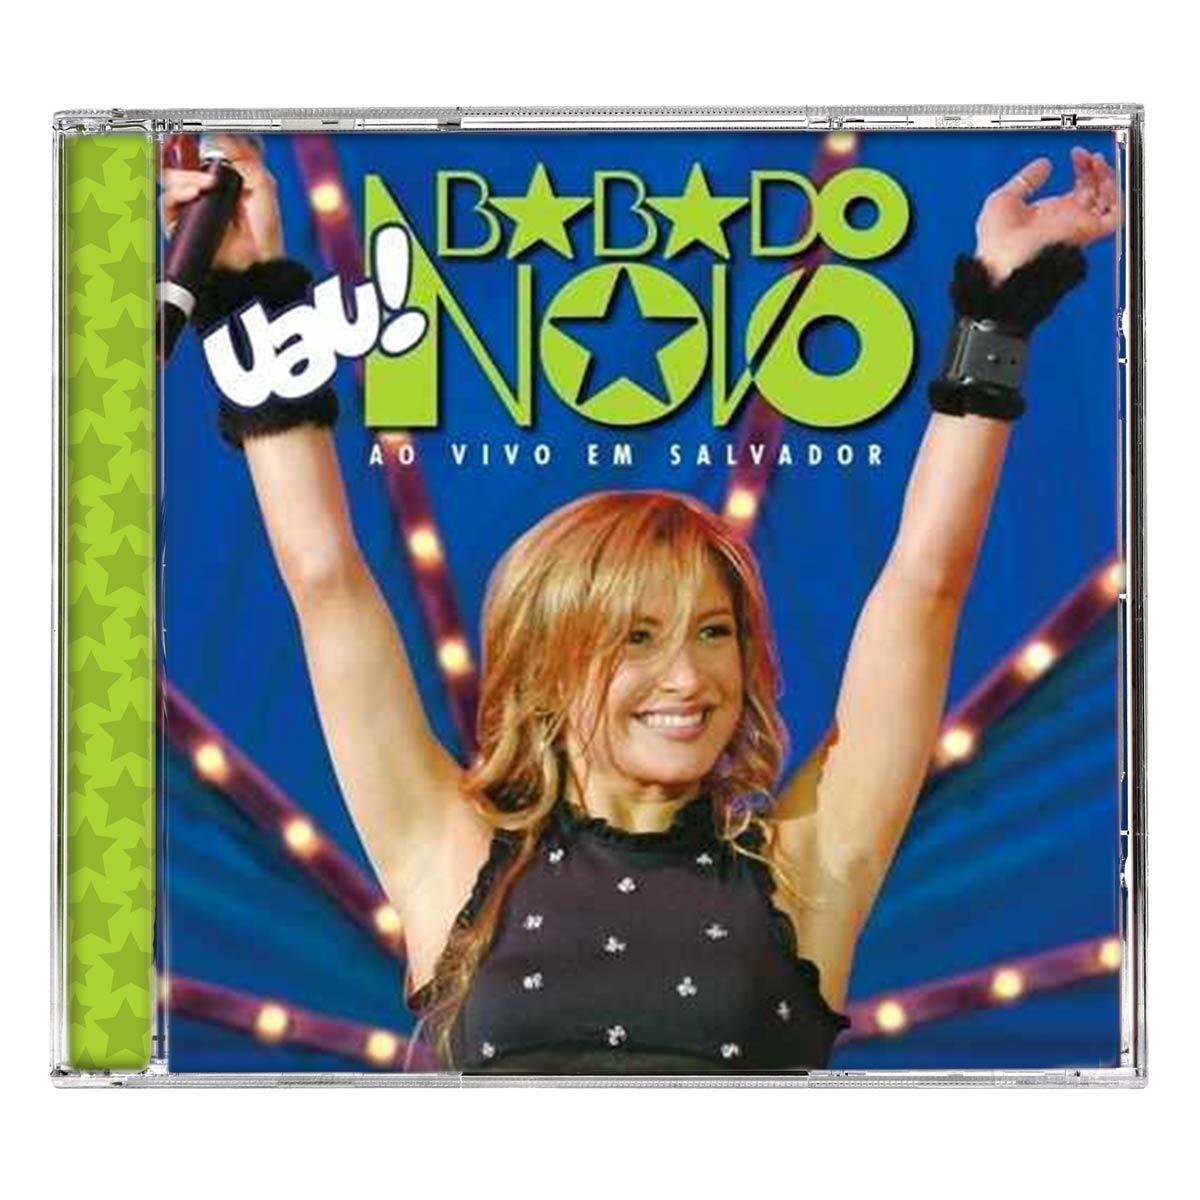 CD Babado Novo Ao Vivo em Salvador